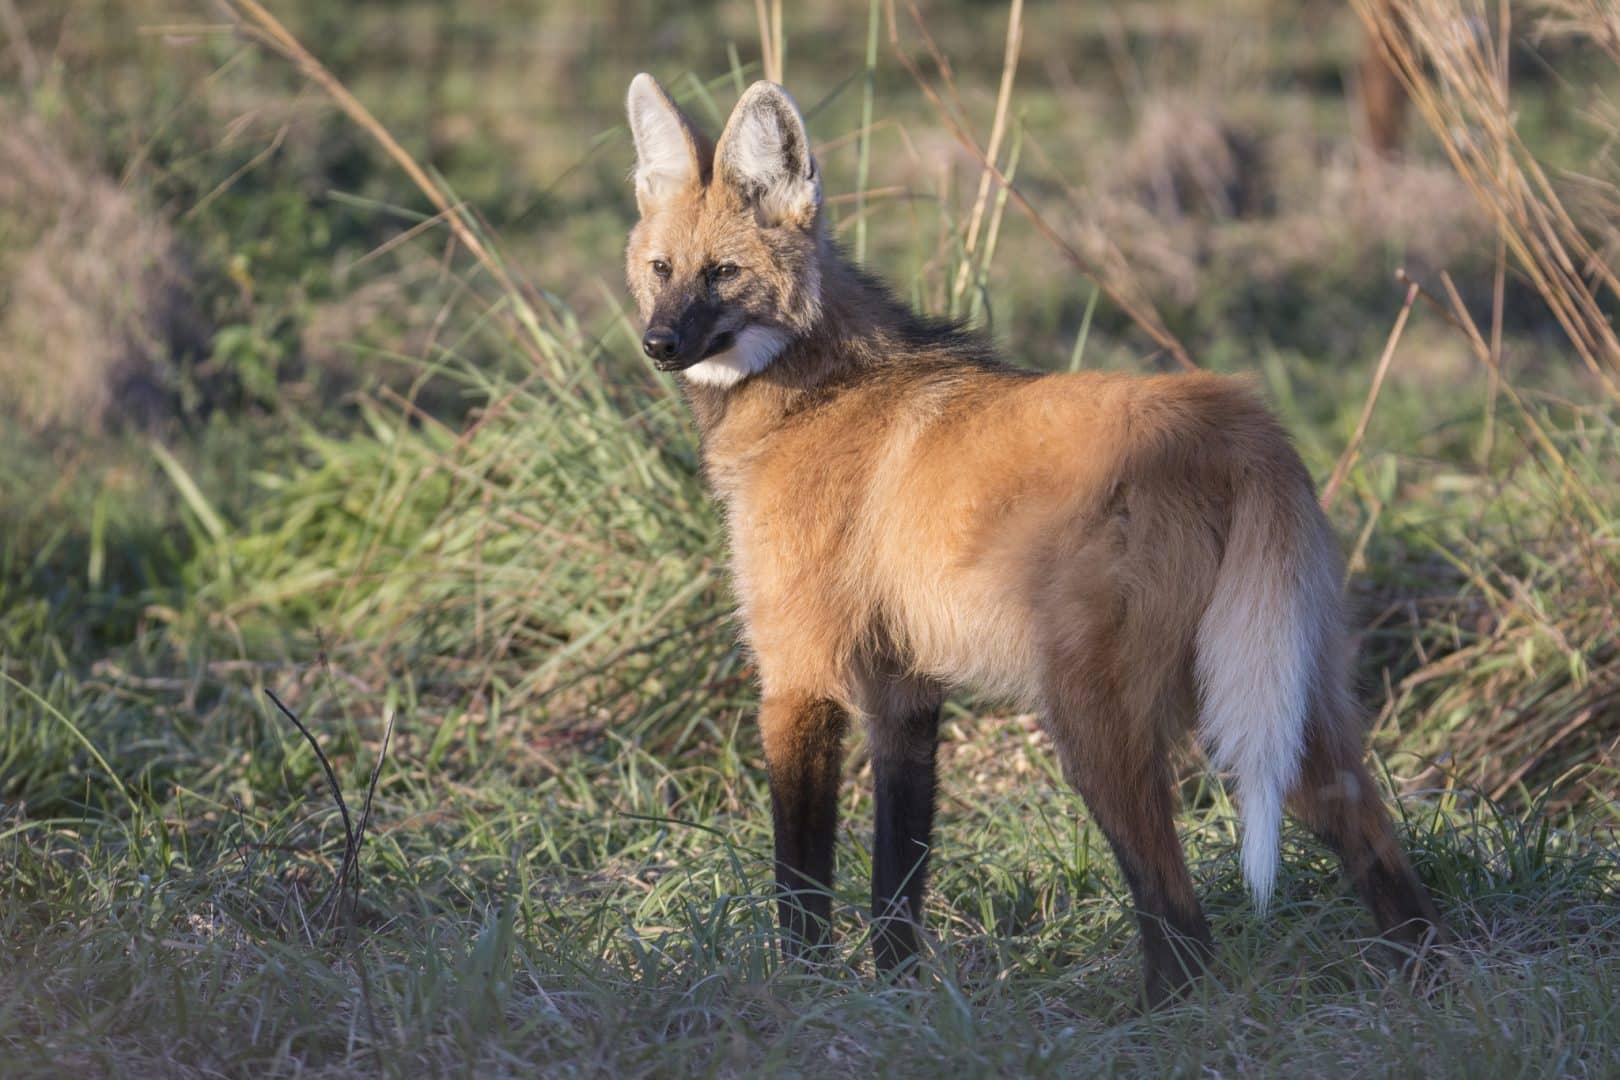 Lobo-guará - Características, hábitos e risco de extinção do animal